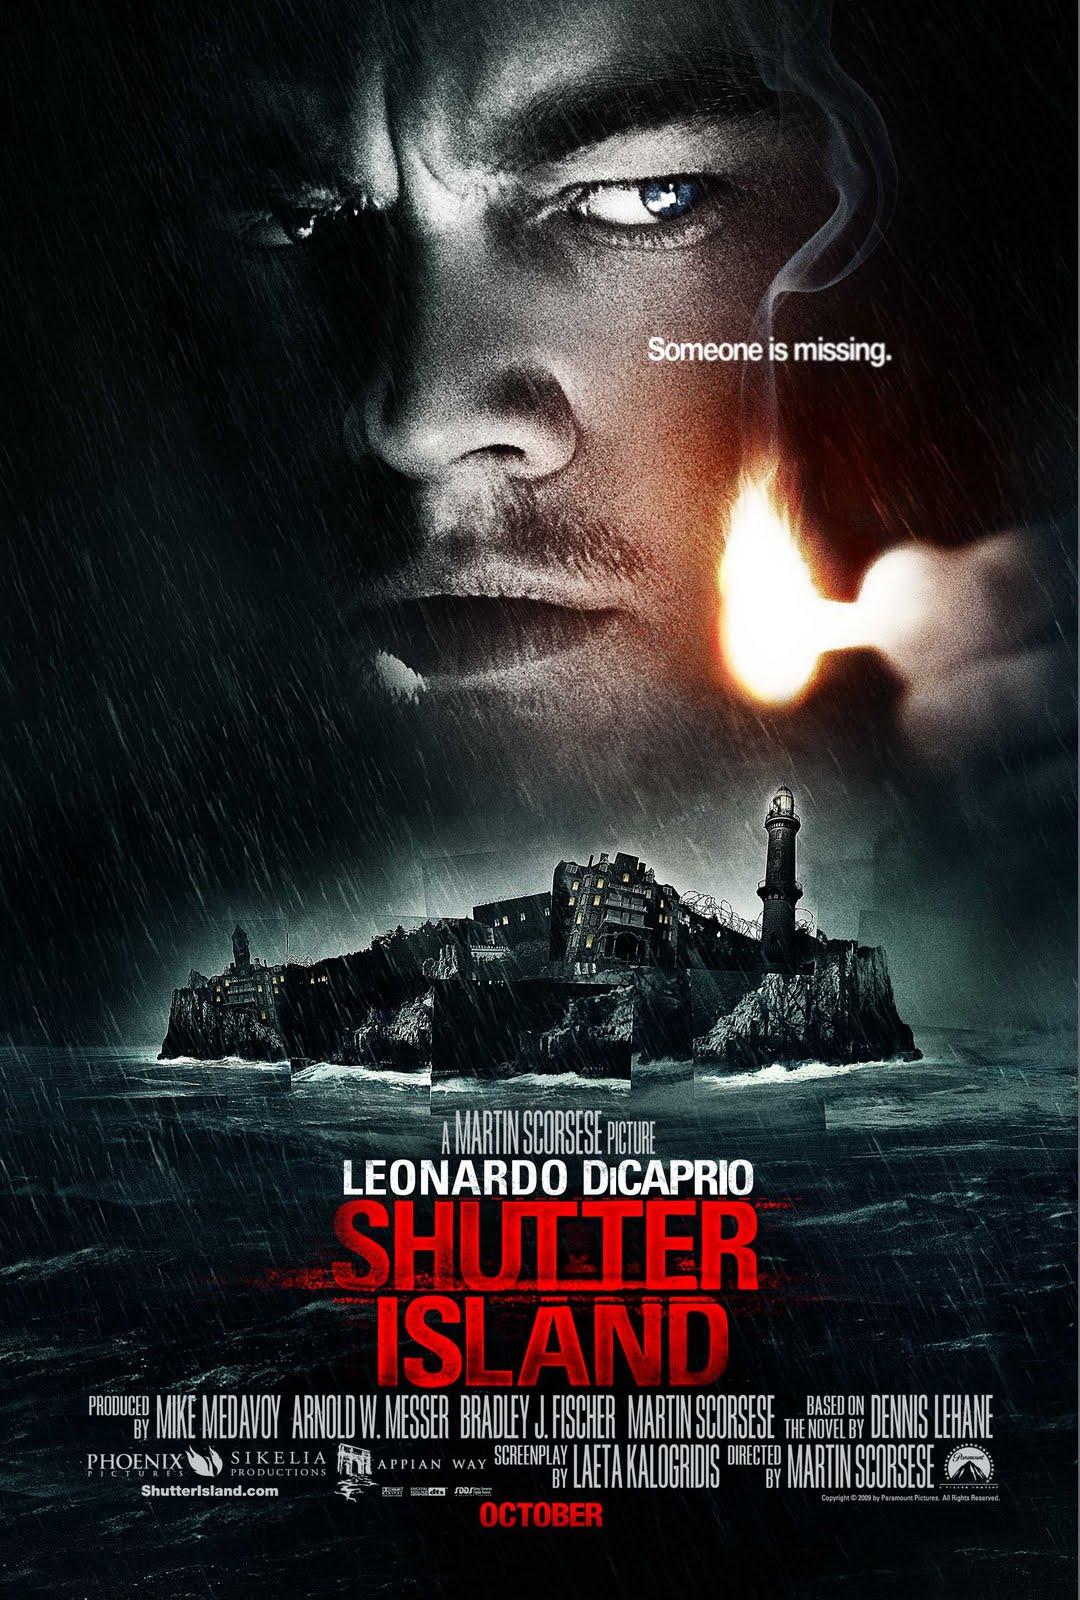 Shutter Island L�m T�i H�i Bất Ngờ (theo Chiều H�ớng Thất Vọng) V� N� C�  Cốt Truyện Kh� Rối V� Nhiều ���o Gi�c, Tr�i Ng�ợc Với C�ch Kể Chuyện S�ng  Sủa,